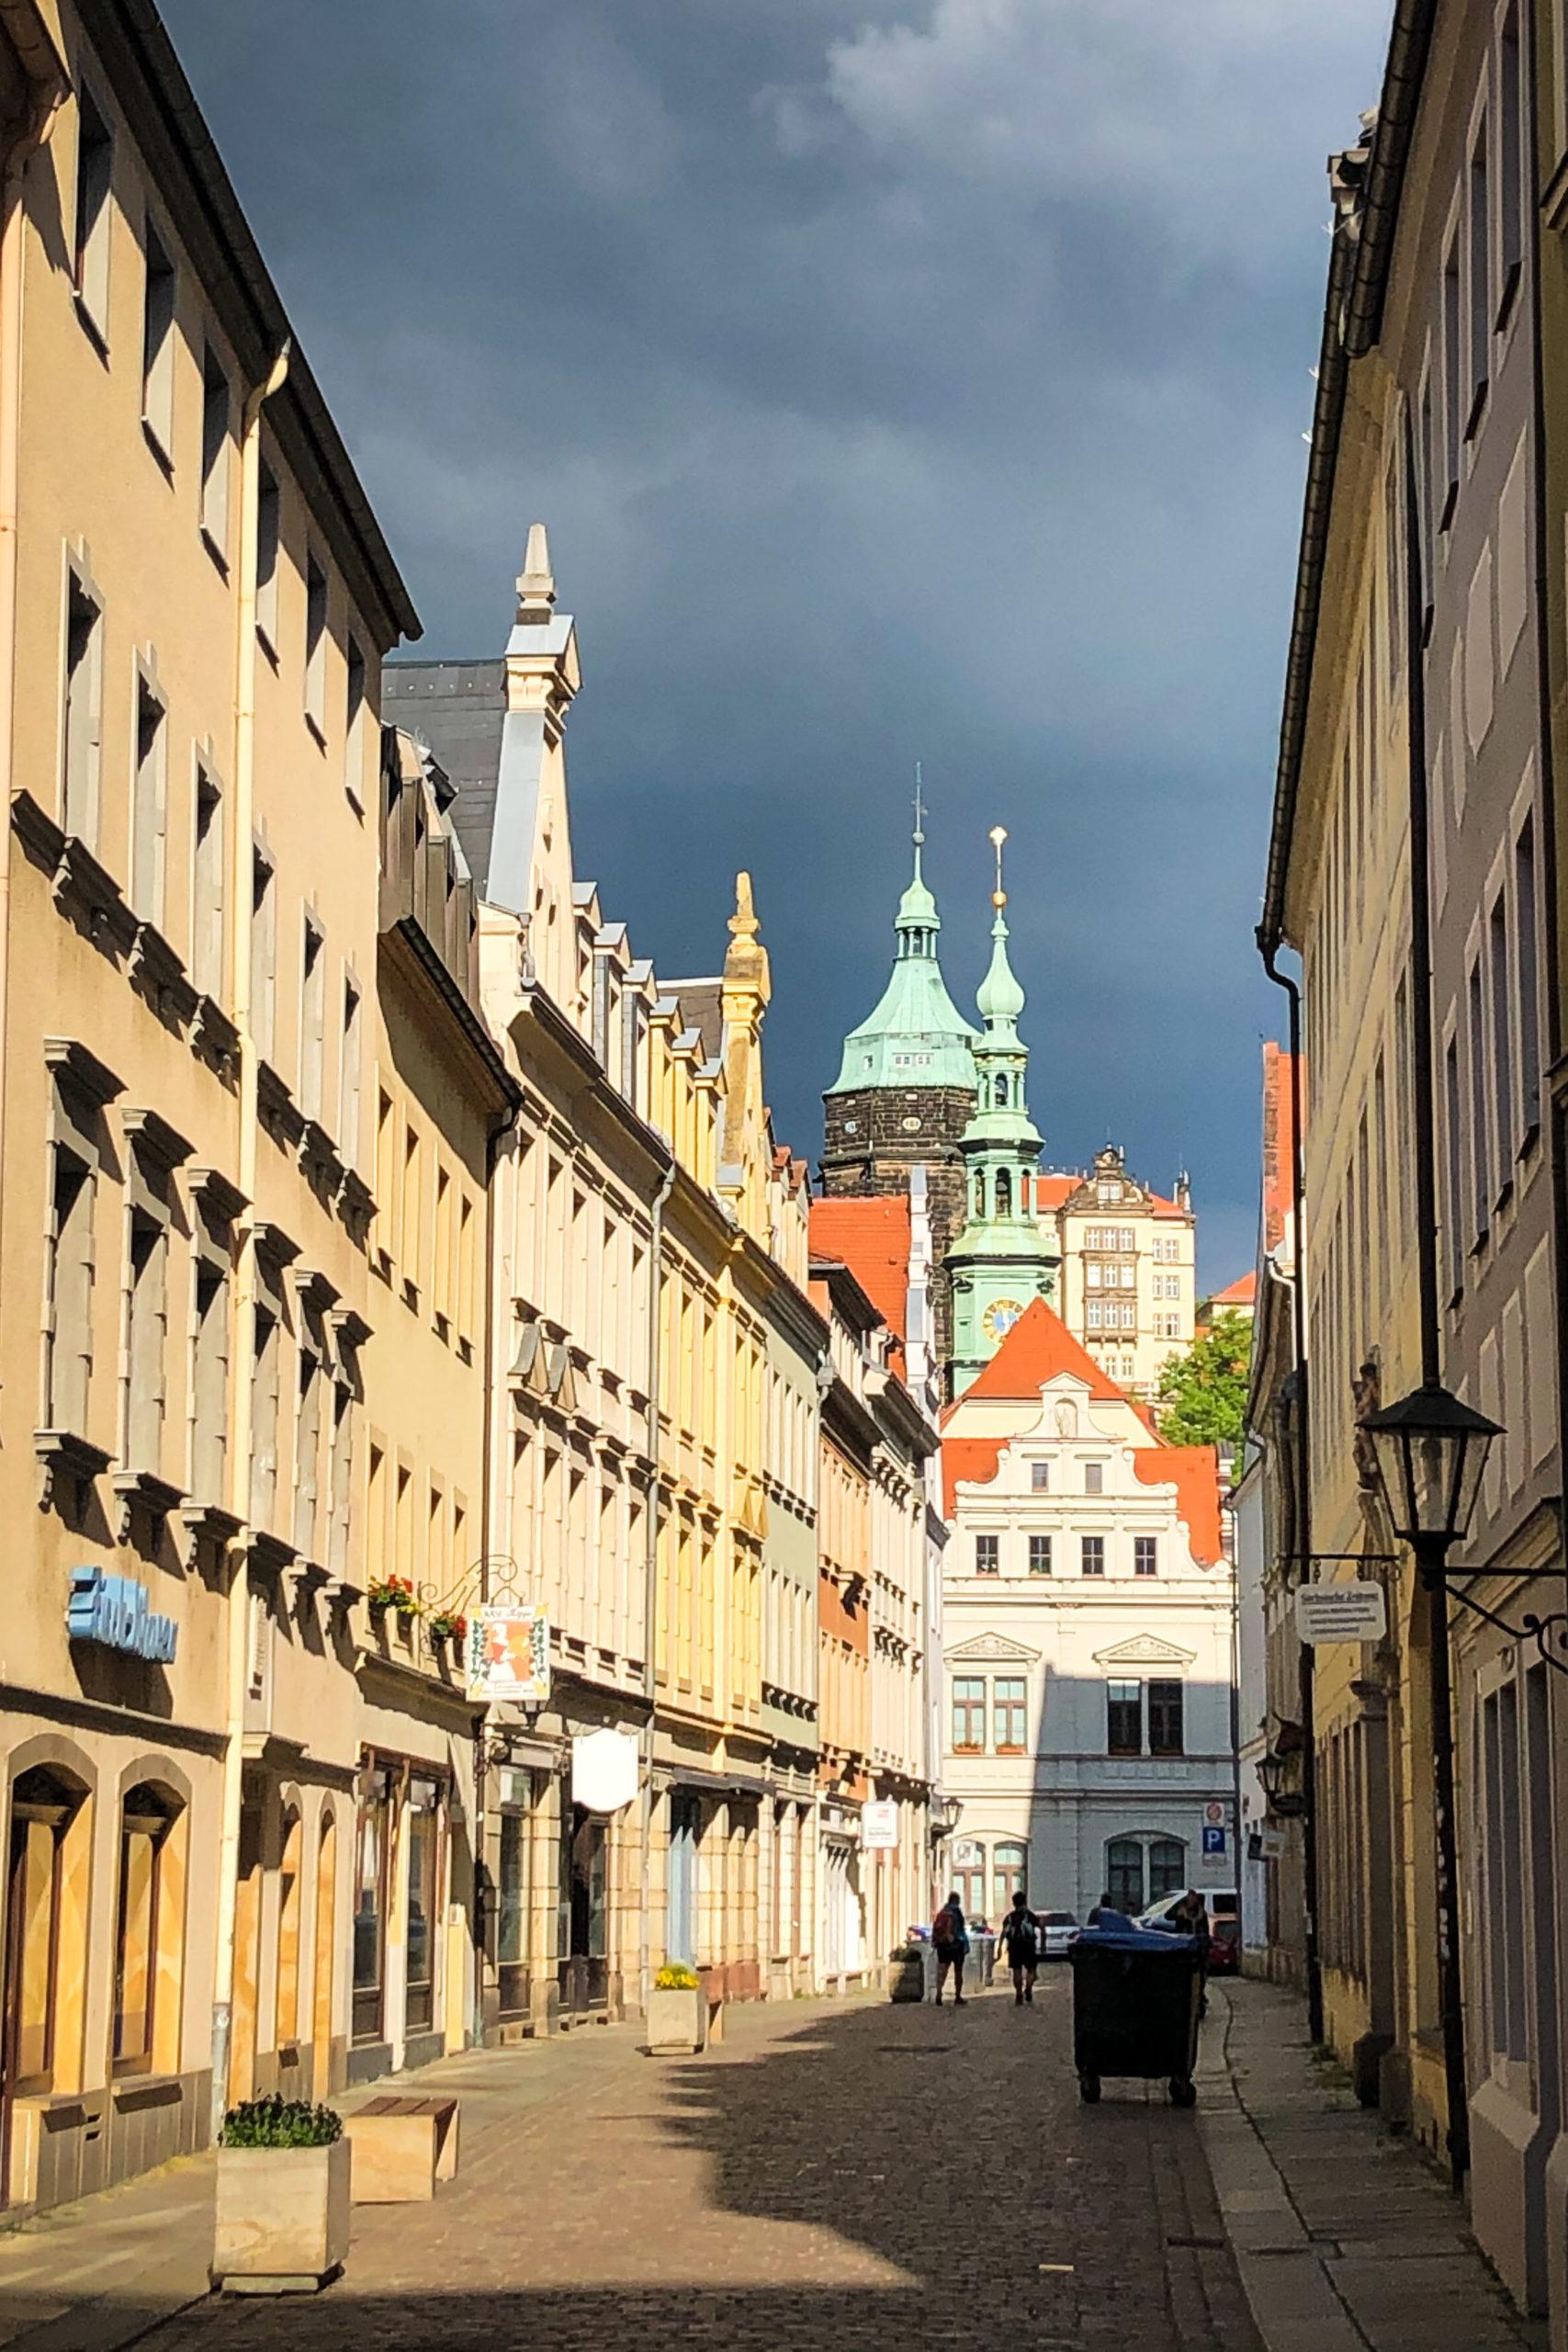 die historische Altstadt von Pirna